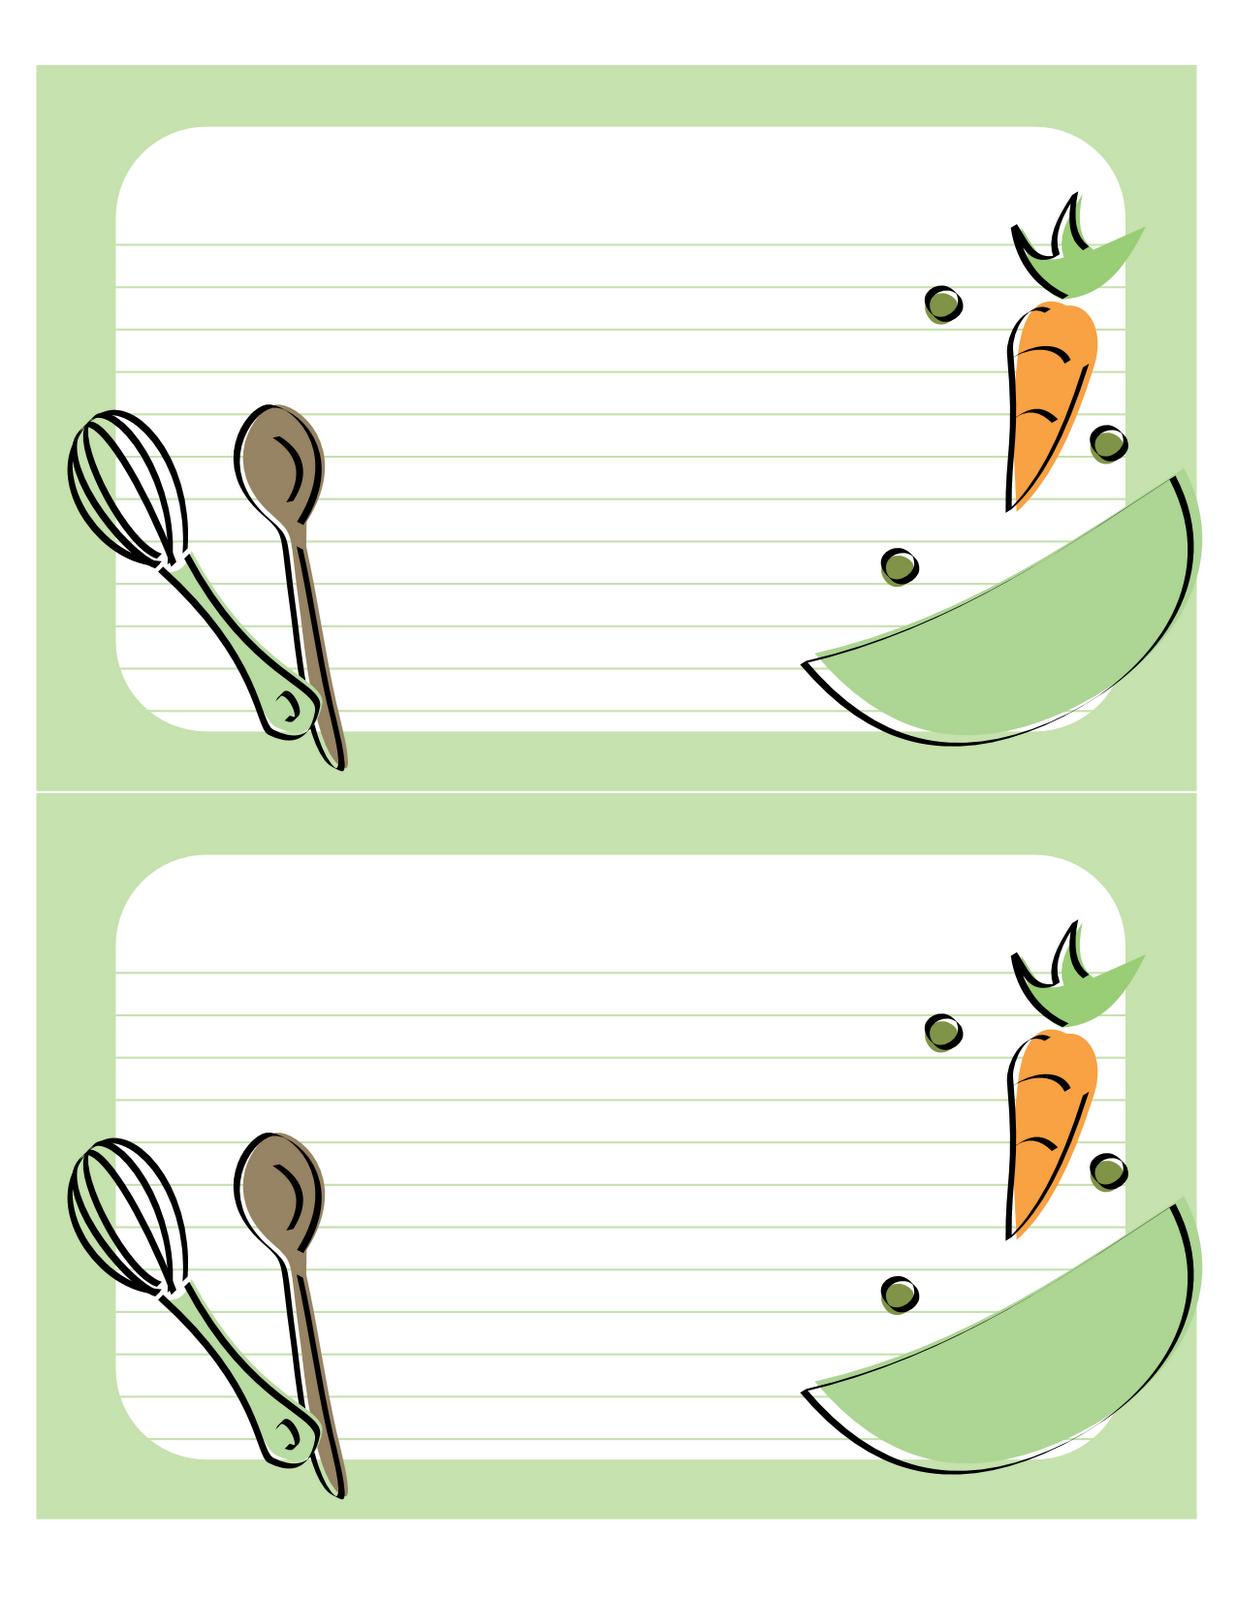 plantillas fichas de cocina recetas png recetario